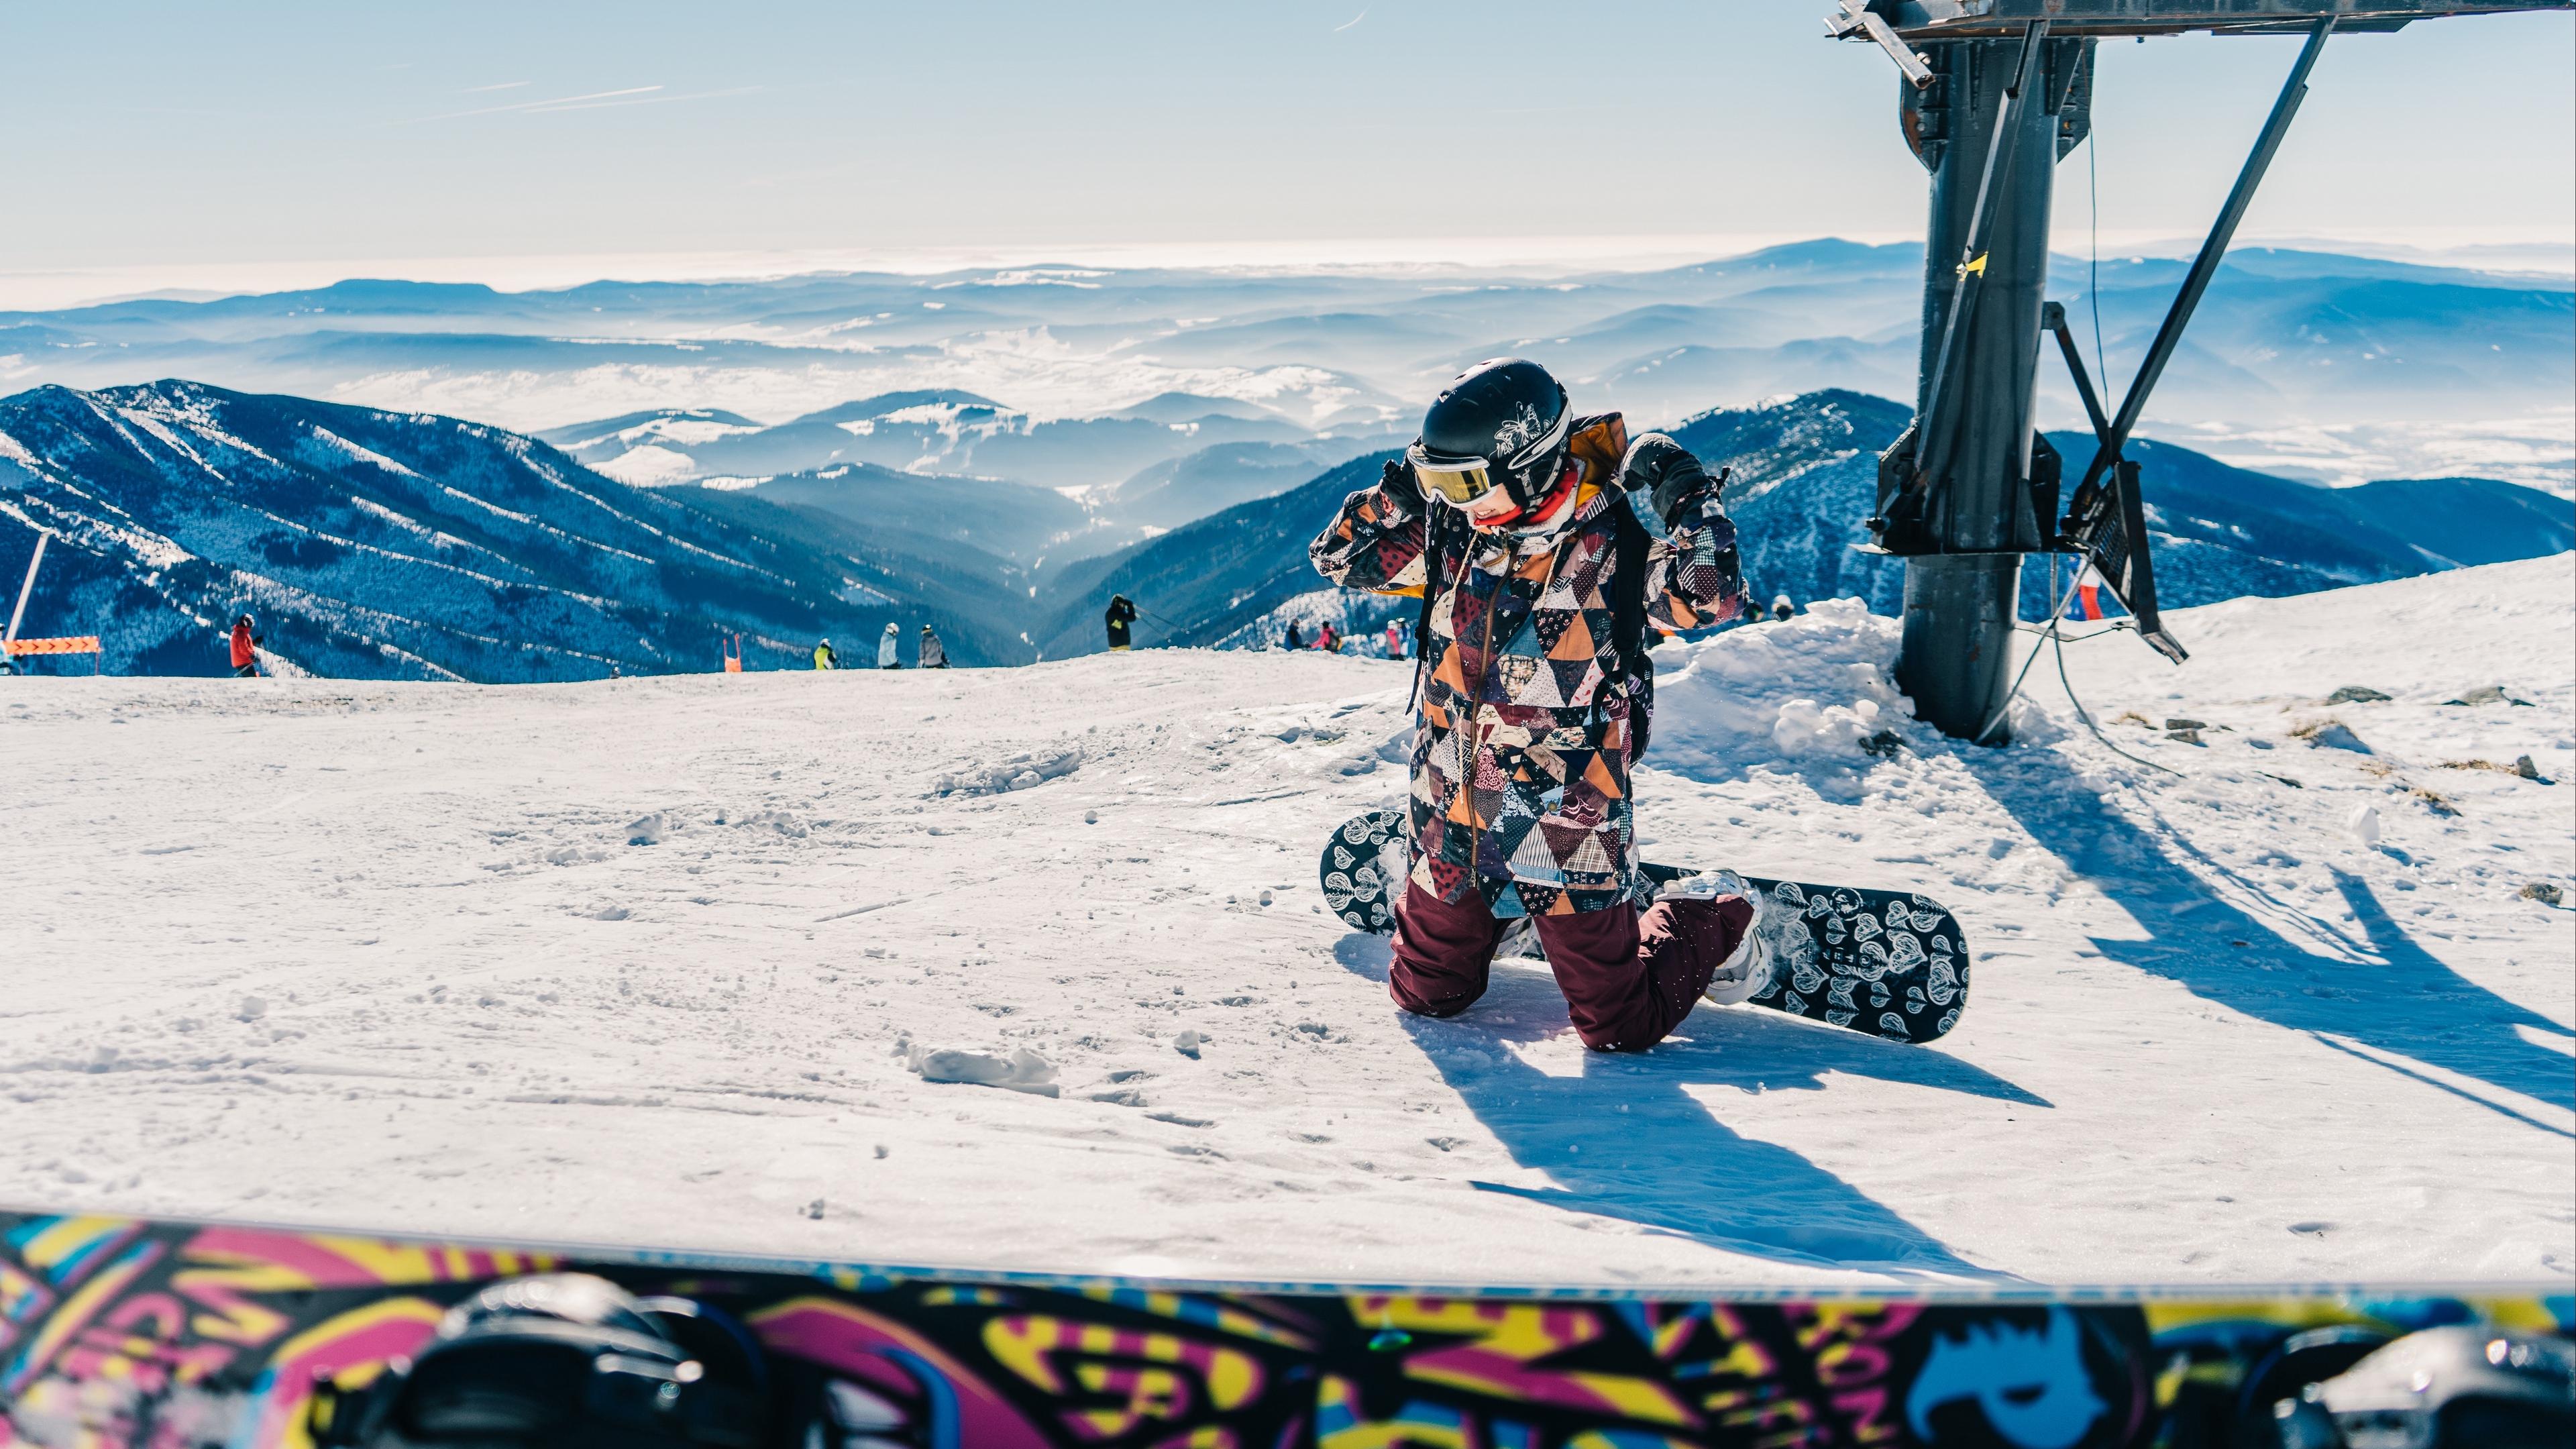 snowboarder snowboarding mountain snow 4k 1540062116 - snowboarder, snowboarding, mountain, snow 4k - SnowBoarding, snowboarder, Mountain